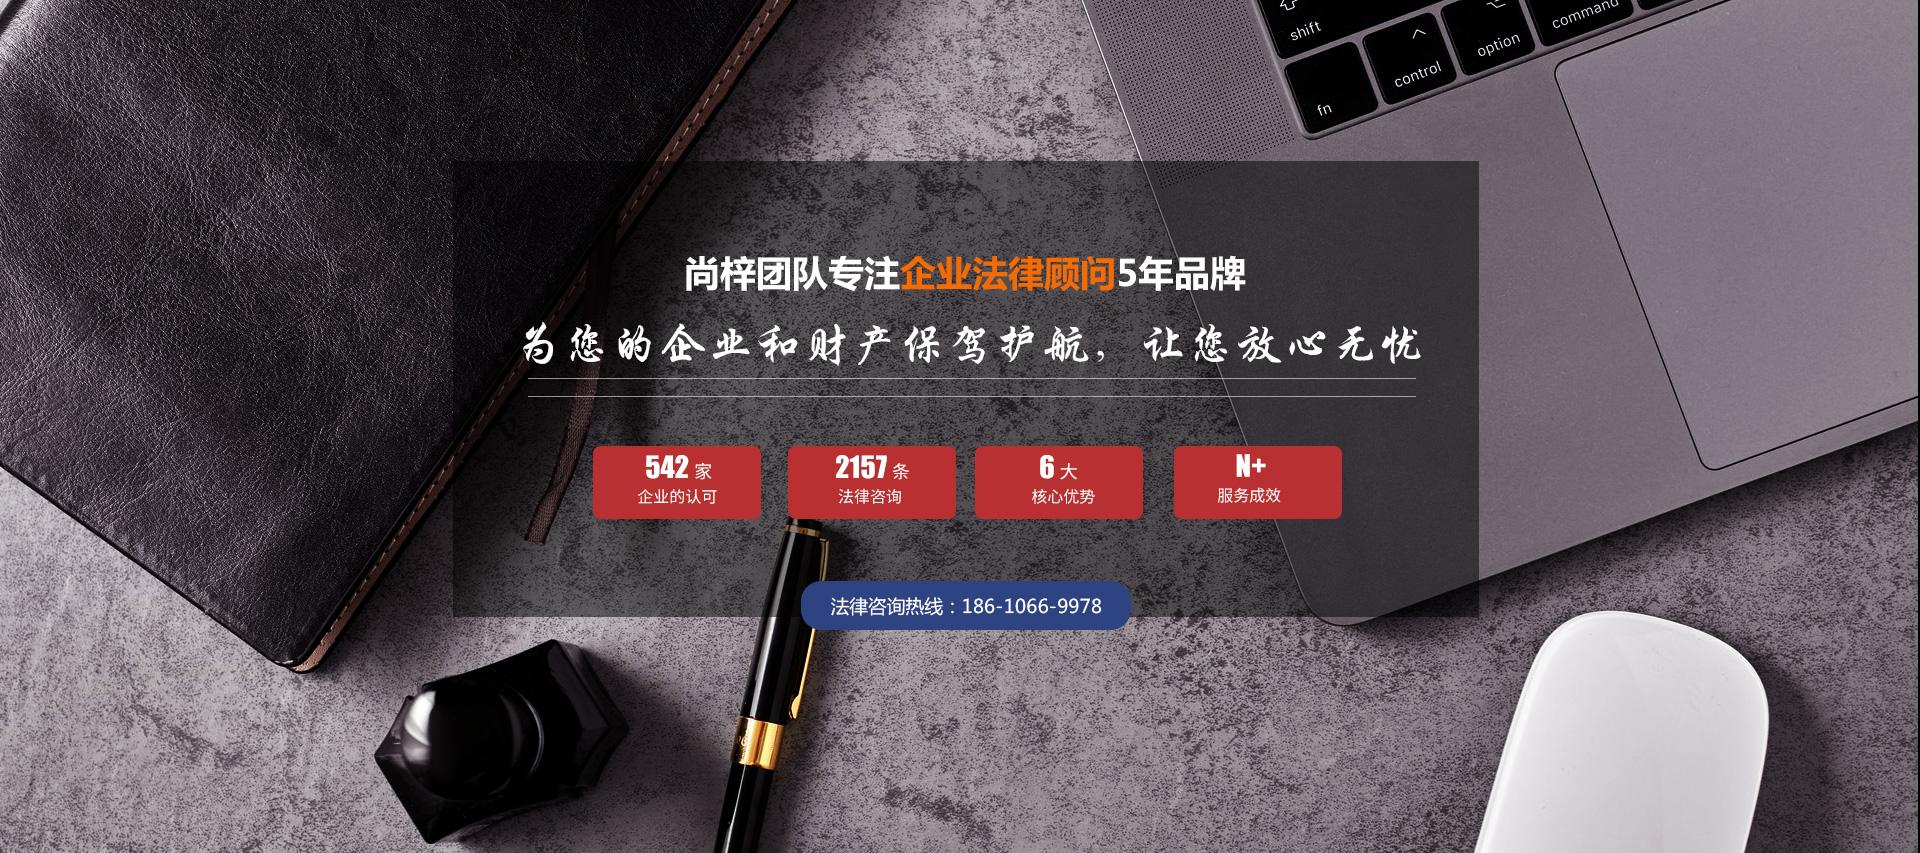 北京尚梓律师事务所-企业法律顾问服务